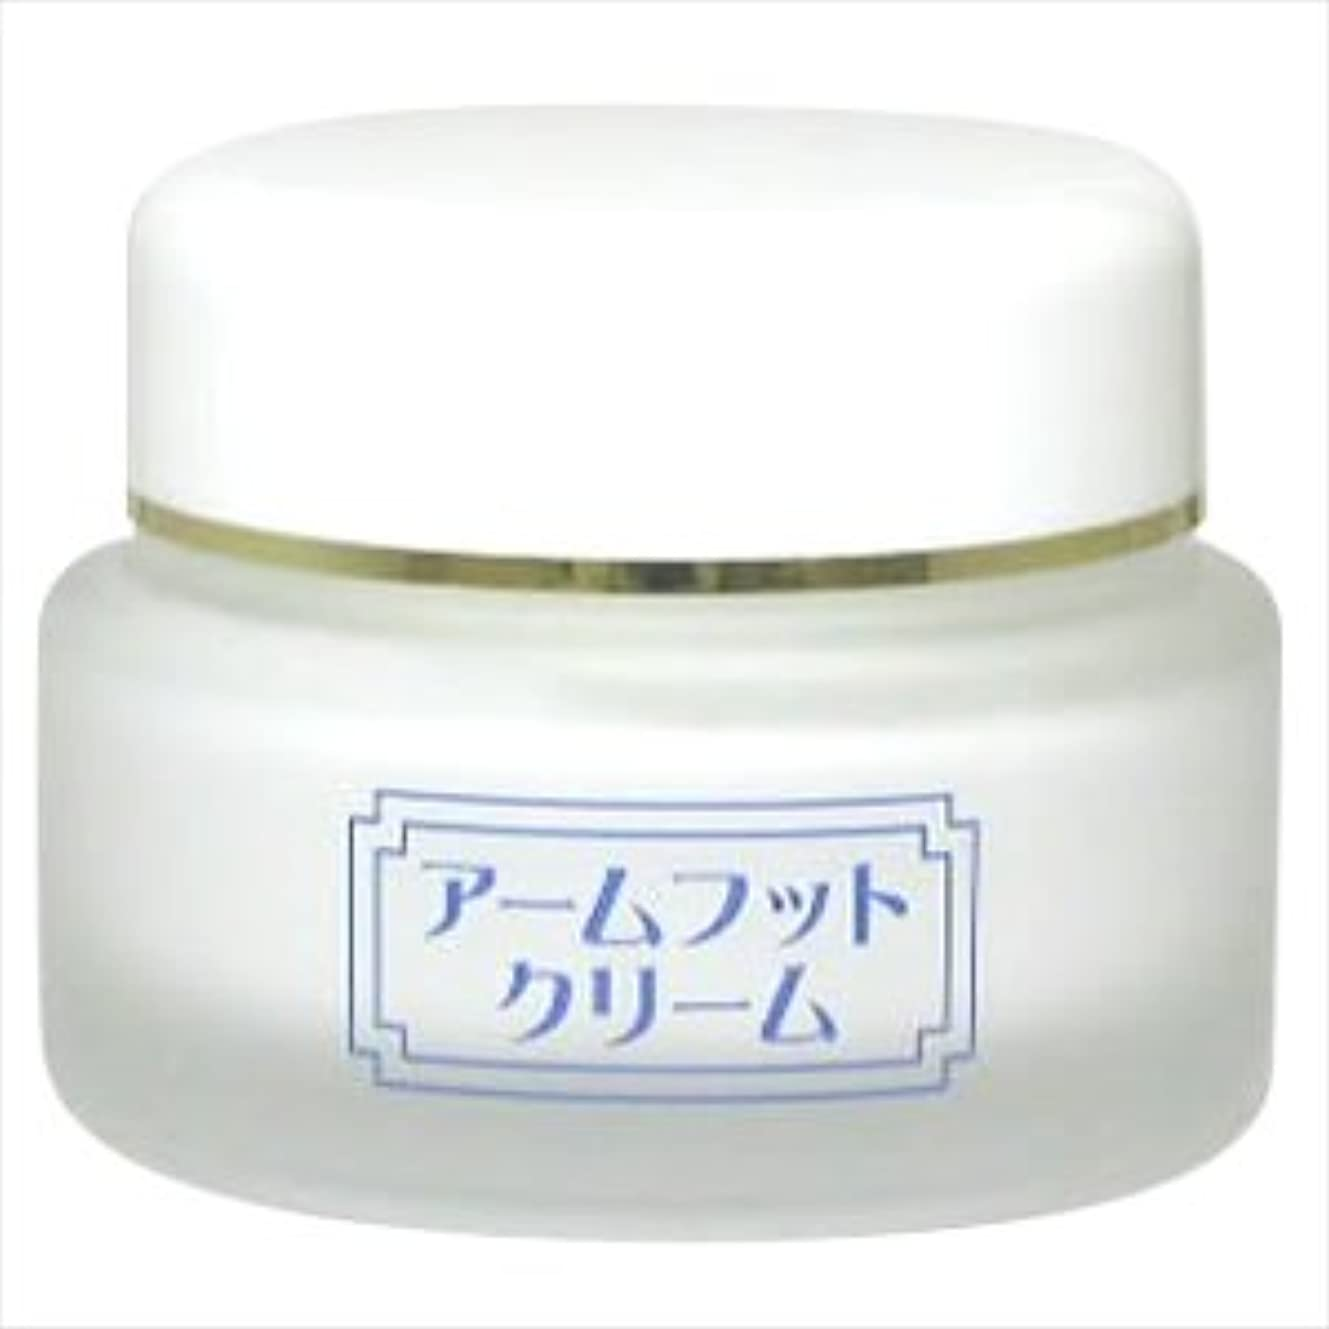 けん引隠ノイズ薬用デオドラントクリーム アームフットクリーム(20g) (1個)